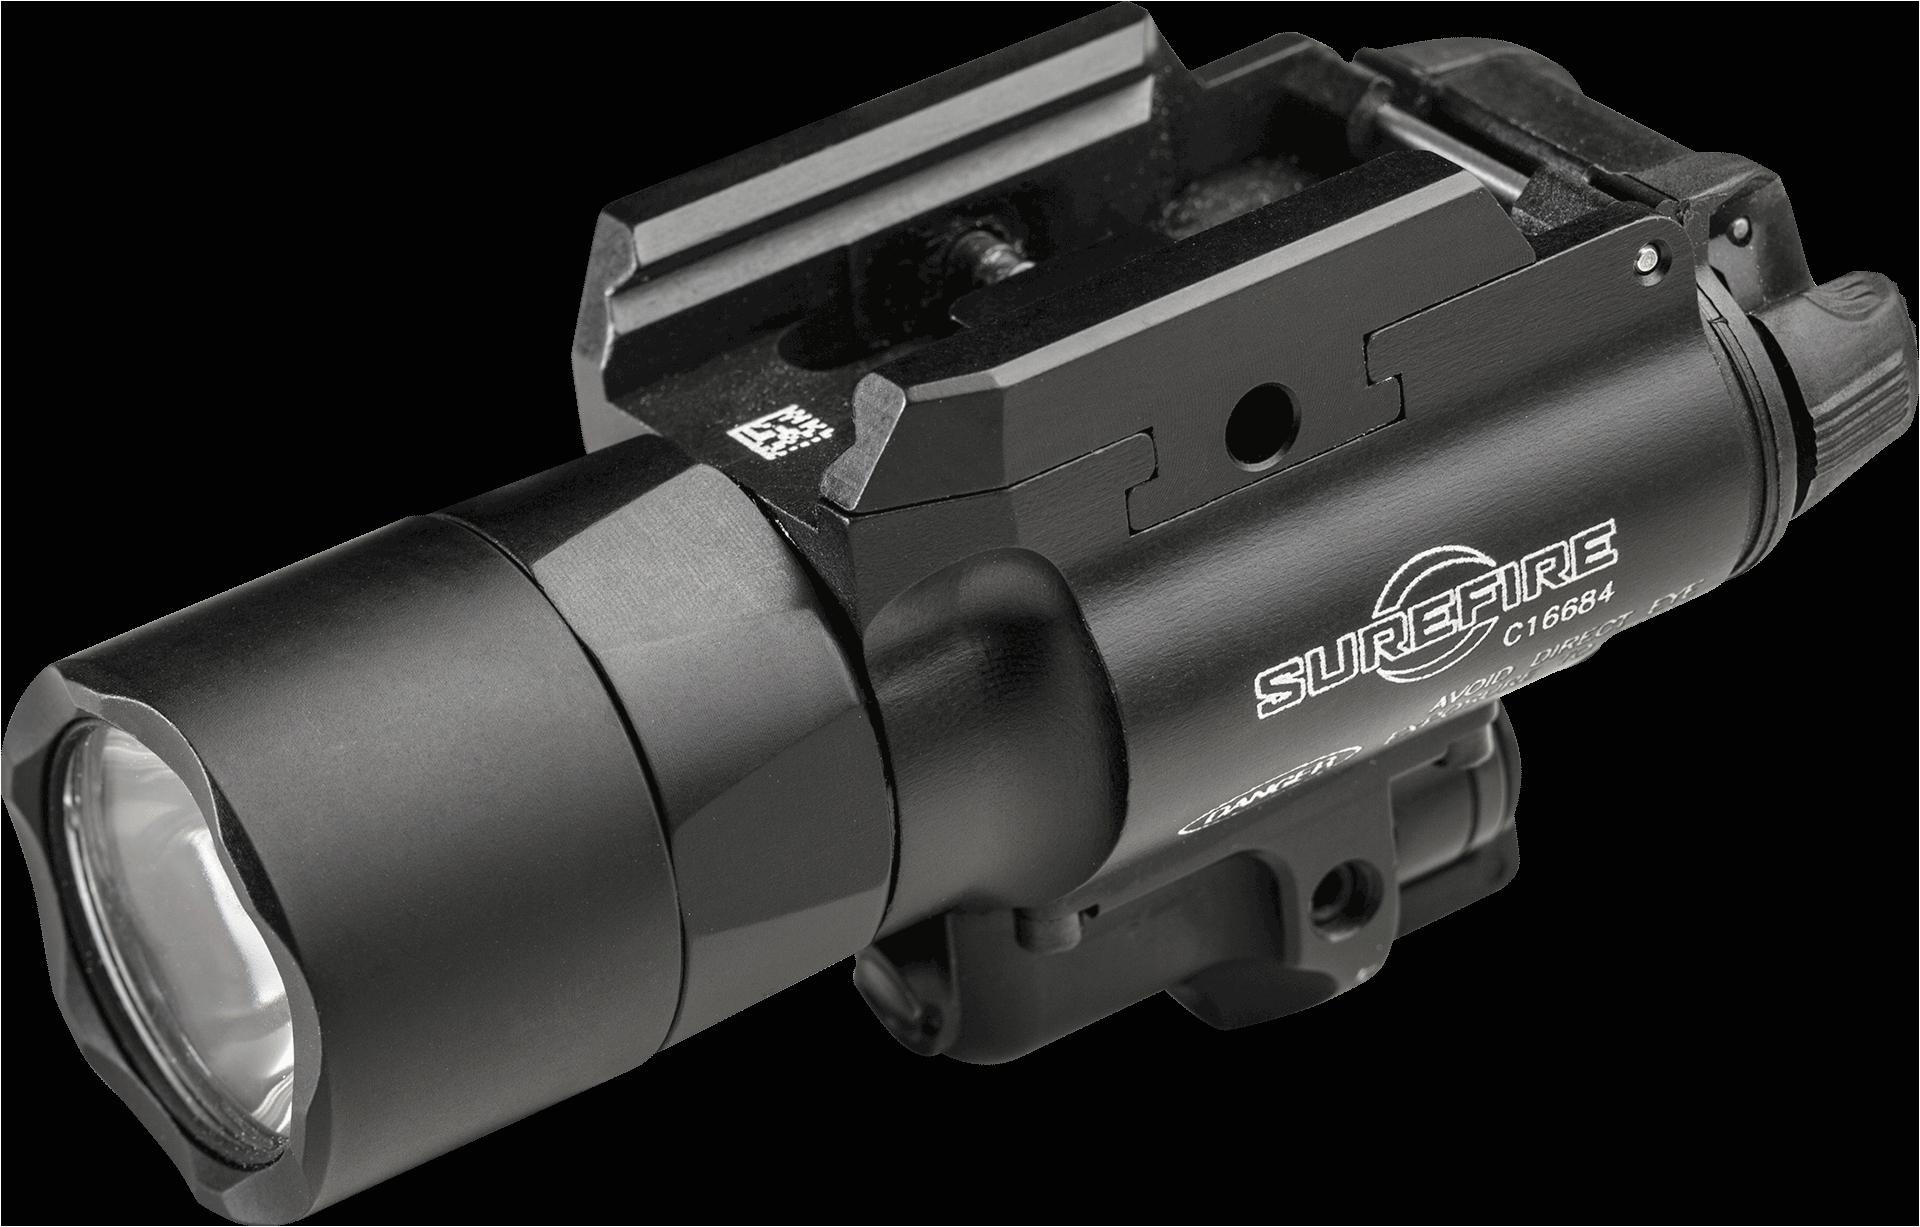 Ar 15 Light Laser Combo Surefire X400 Ultra Led Weaponlight White Light Red Laser